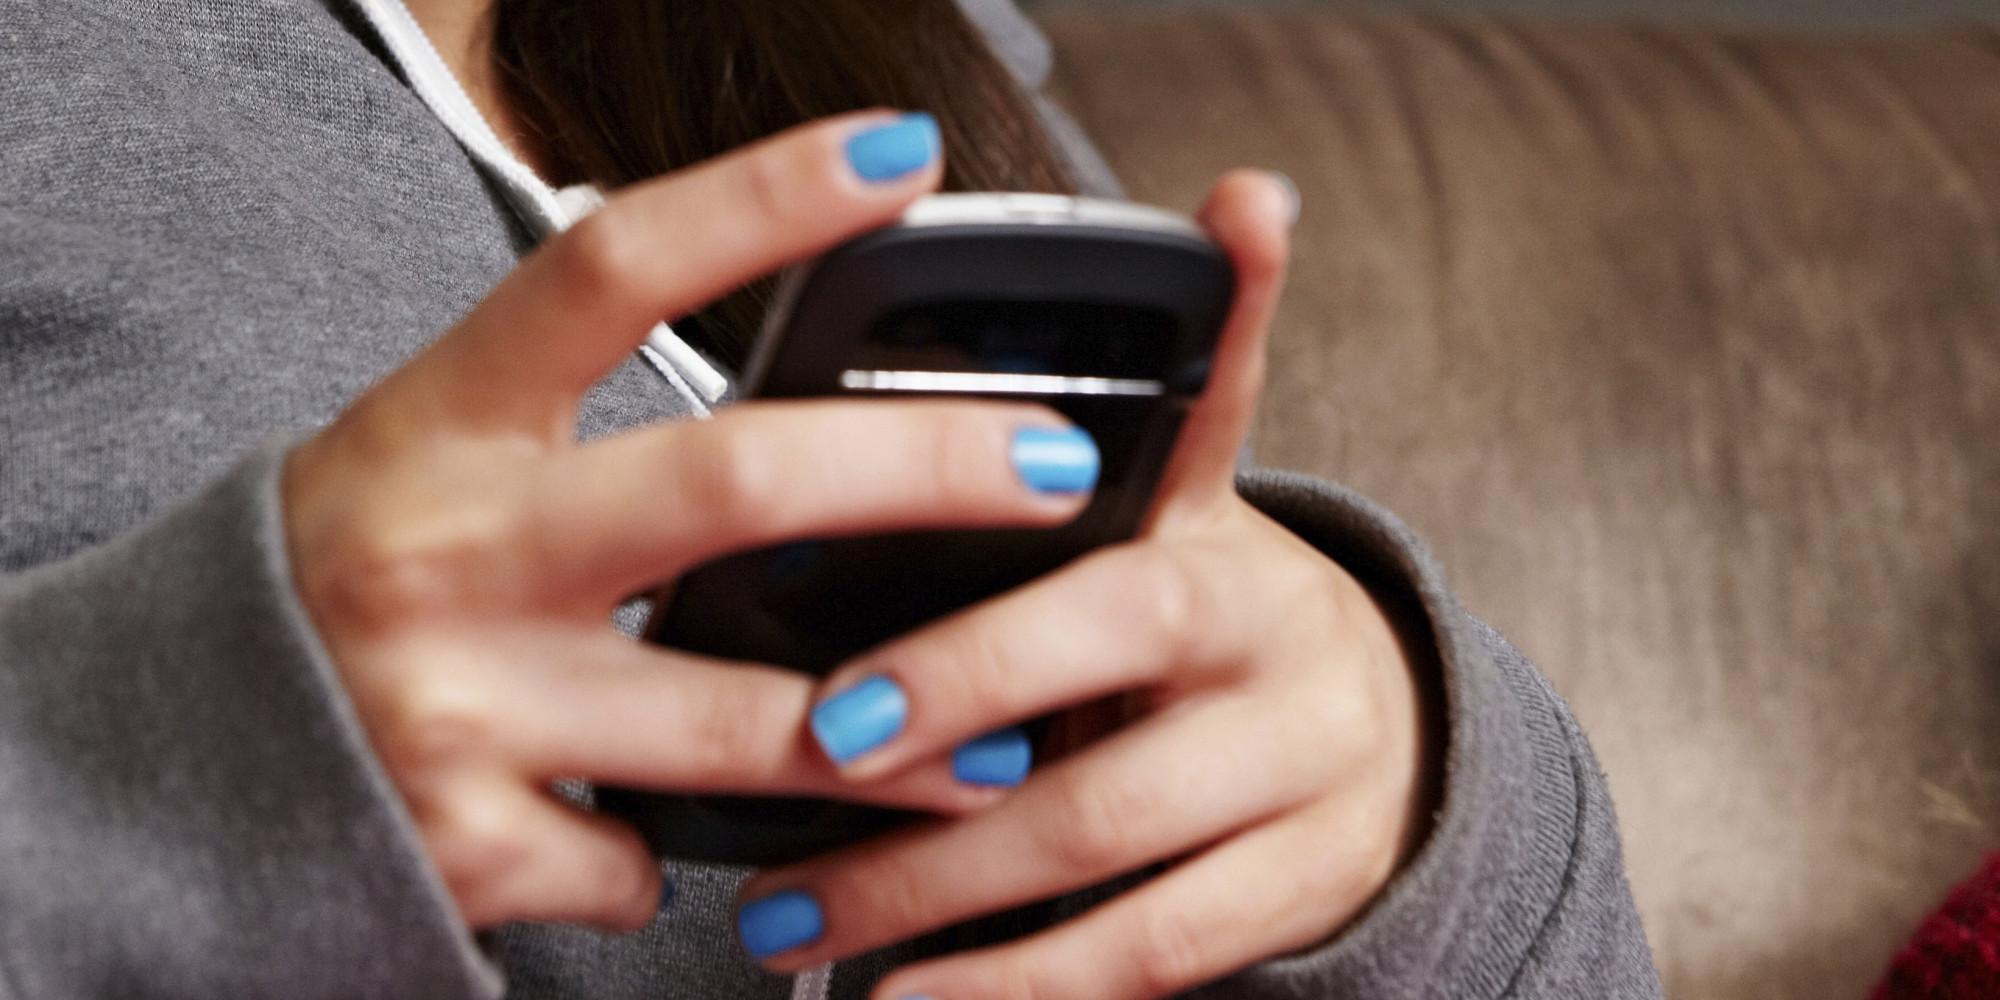 Teen hotlines - Teen Health and Wellness